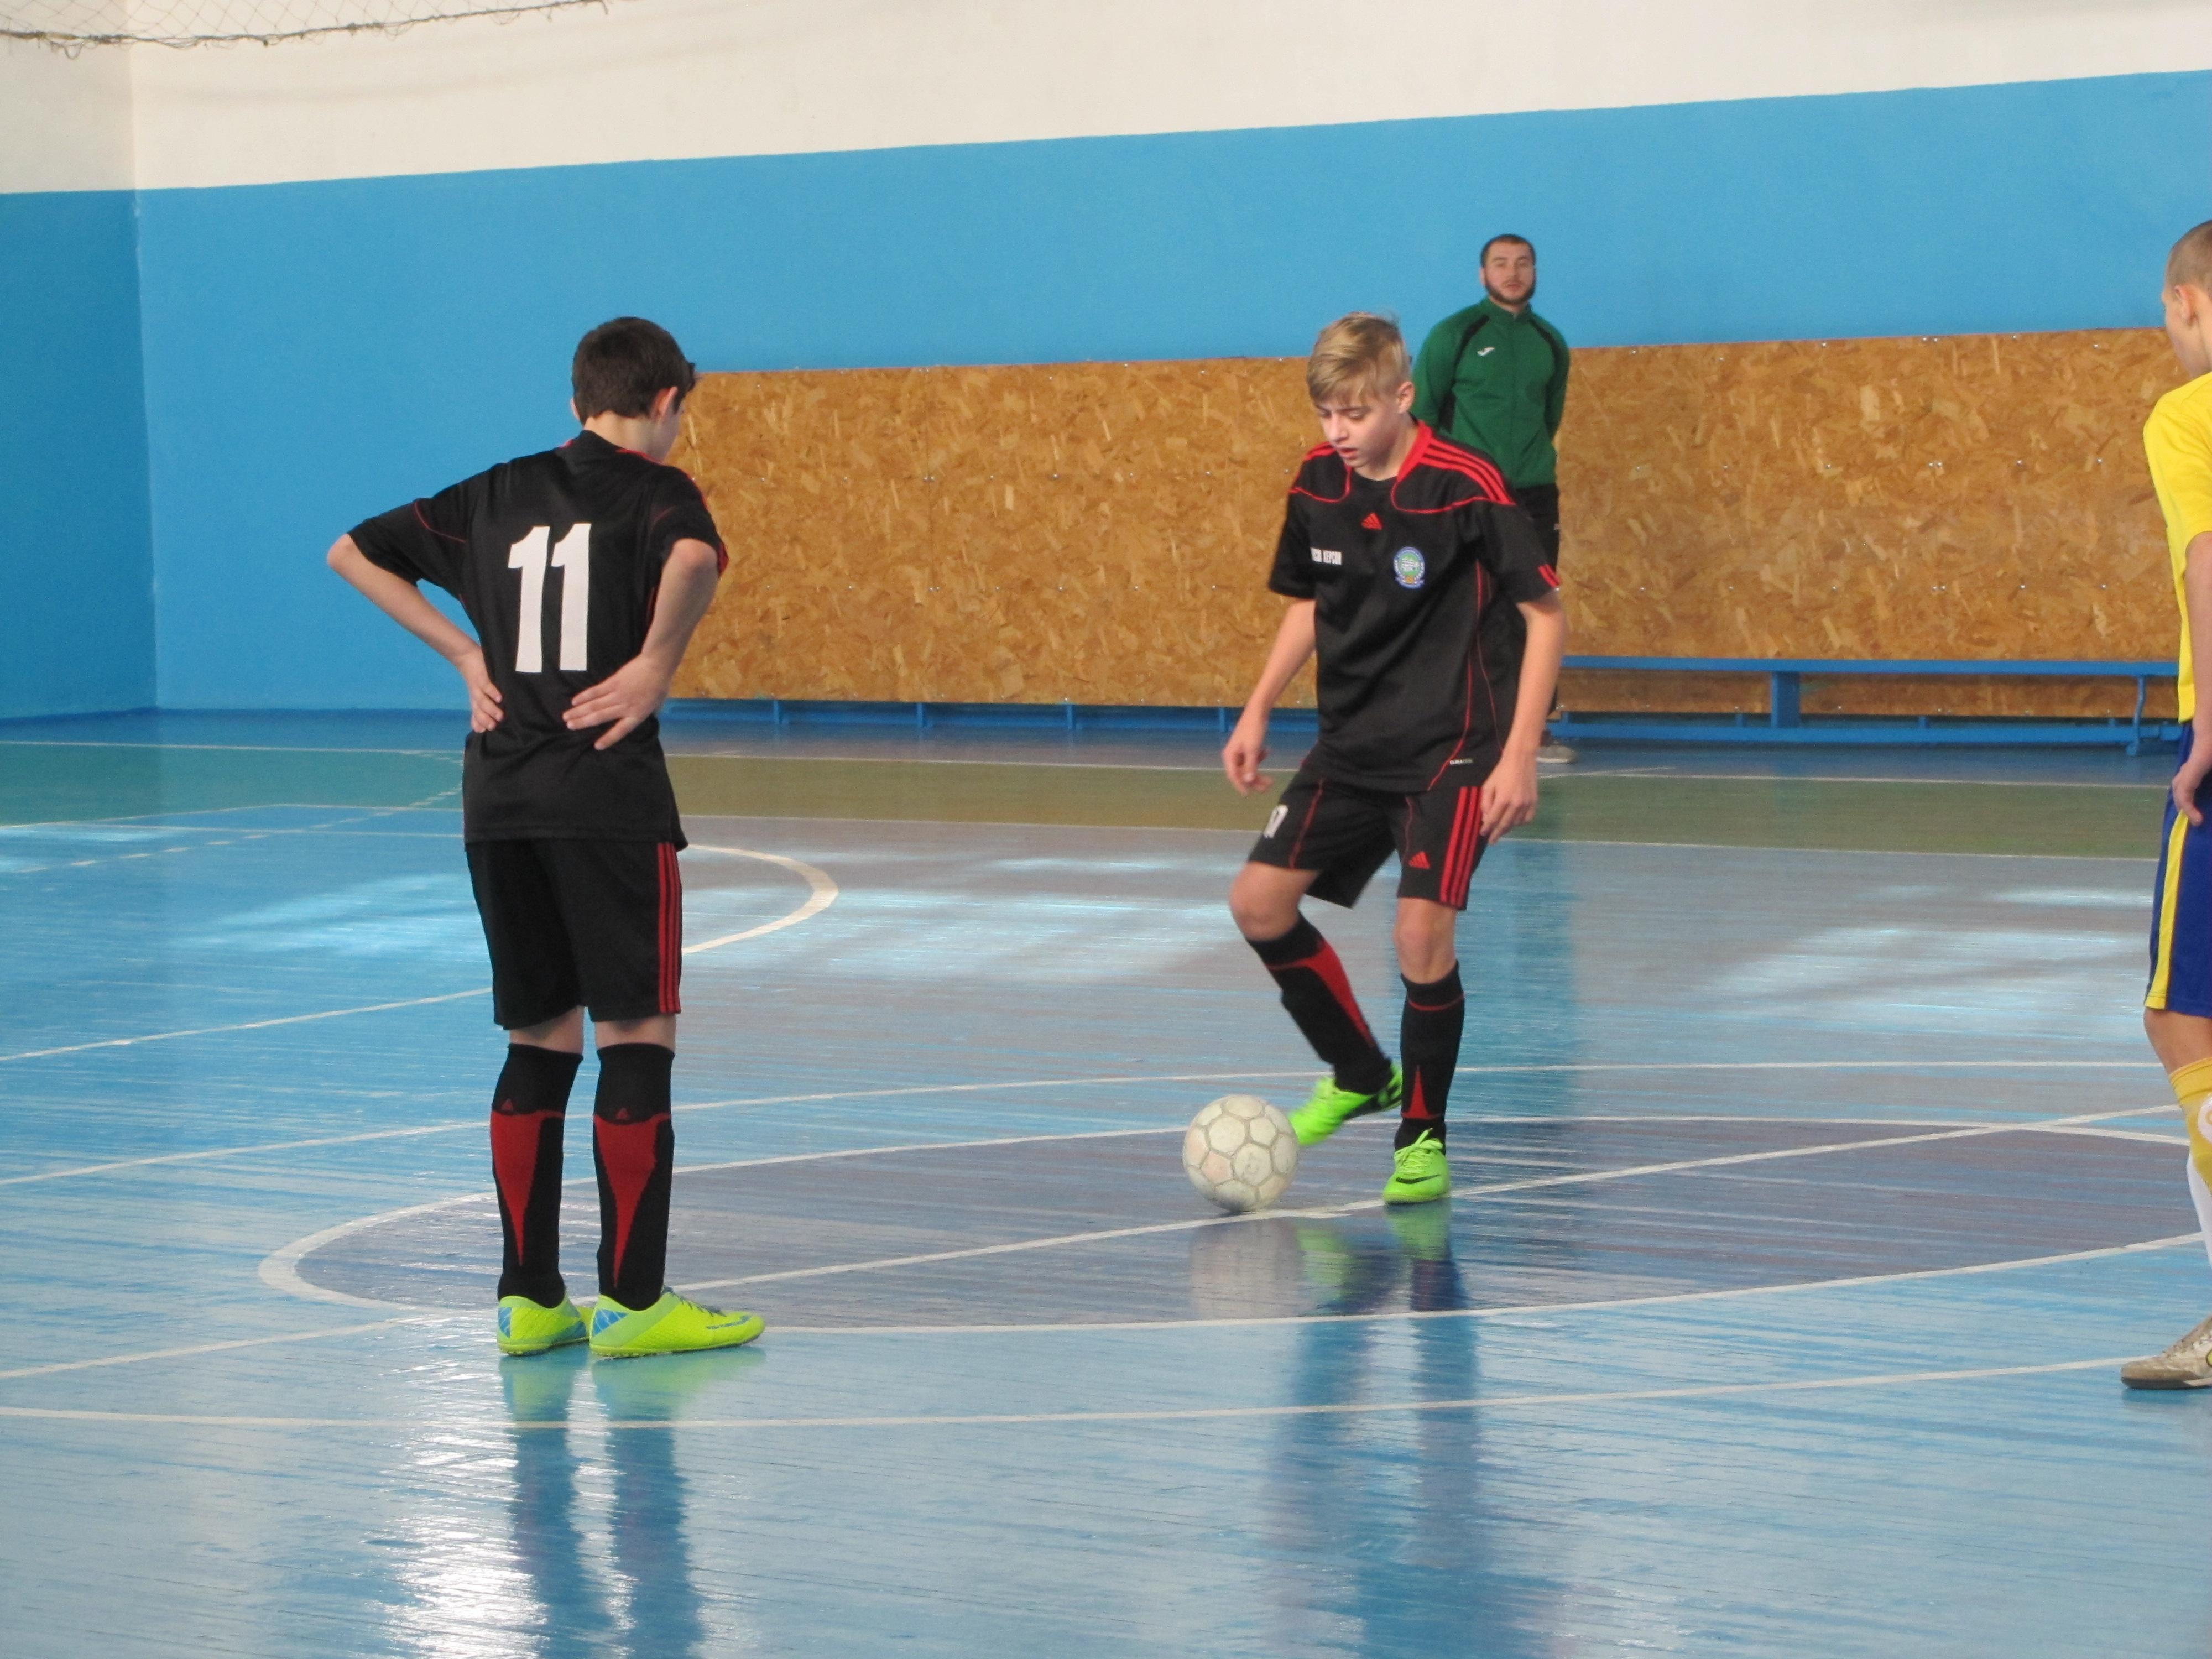 1 та 2 березня у місті Херсон відбудуться фінальні змагання Чемпіонату Херсонської області з футзалу серед юнаків 2001-2002 років народження